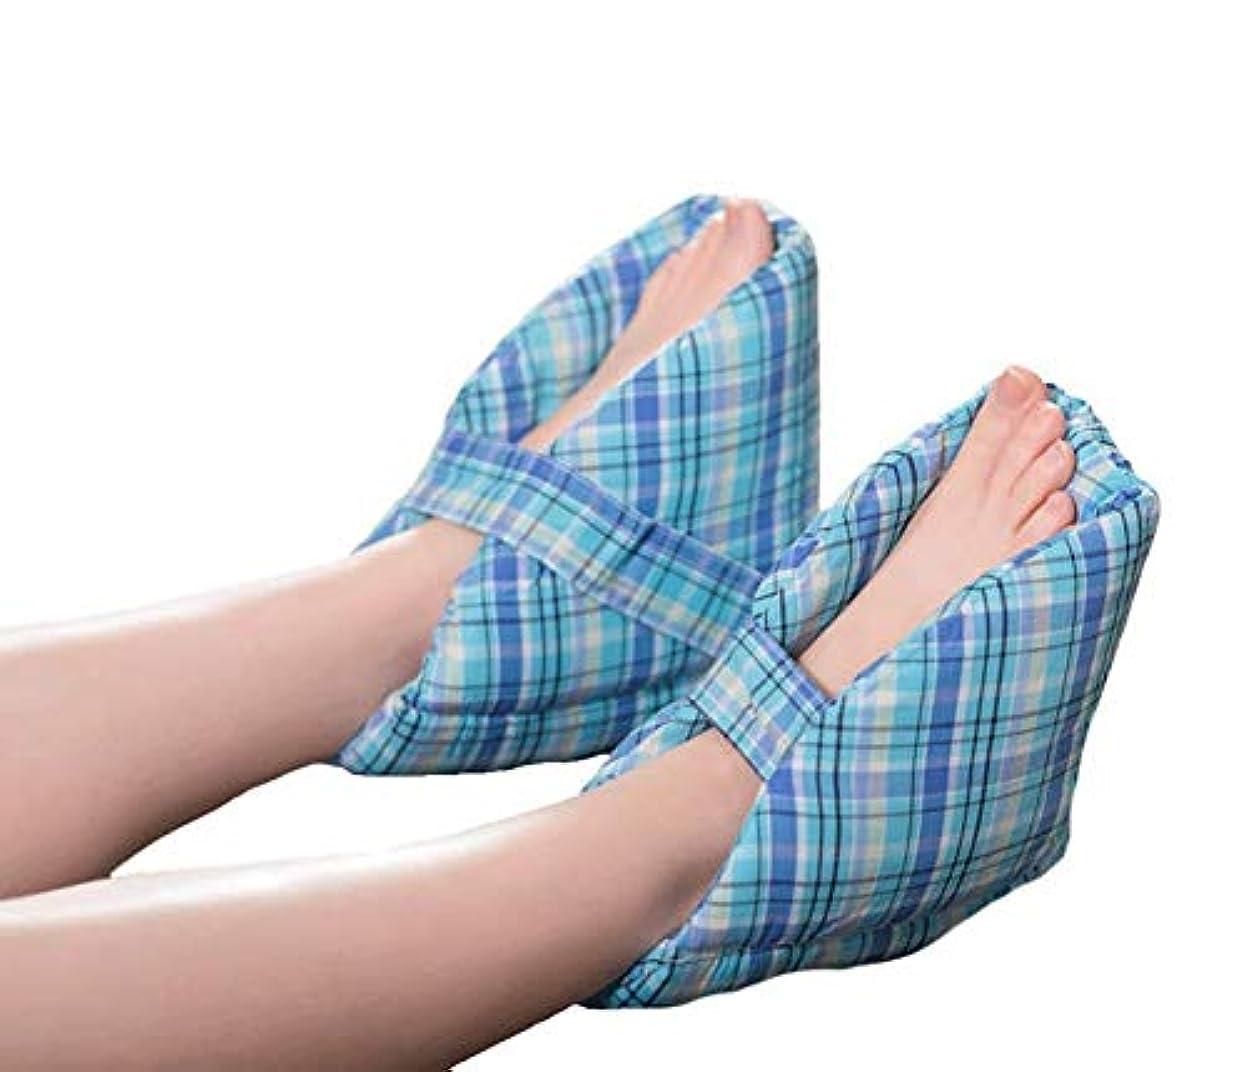 トークン平方力学かかとプロテクター枕、足補正カバー、効果的なPressure瘡とかかと潰瘍の救済、腫れた足に最適、快適なかかと保護足枕、1ペア